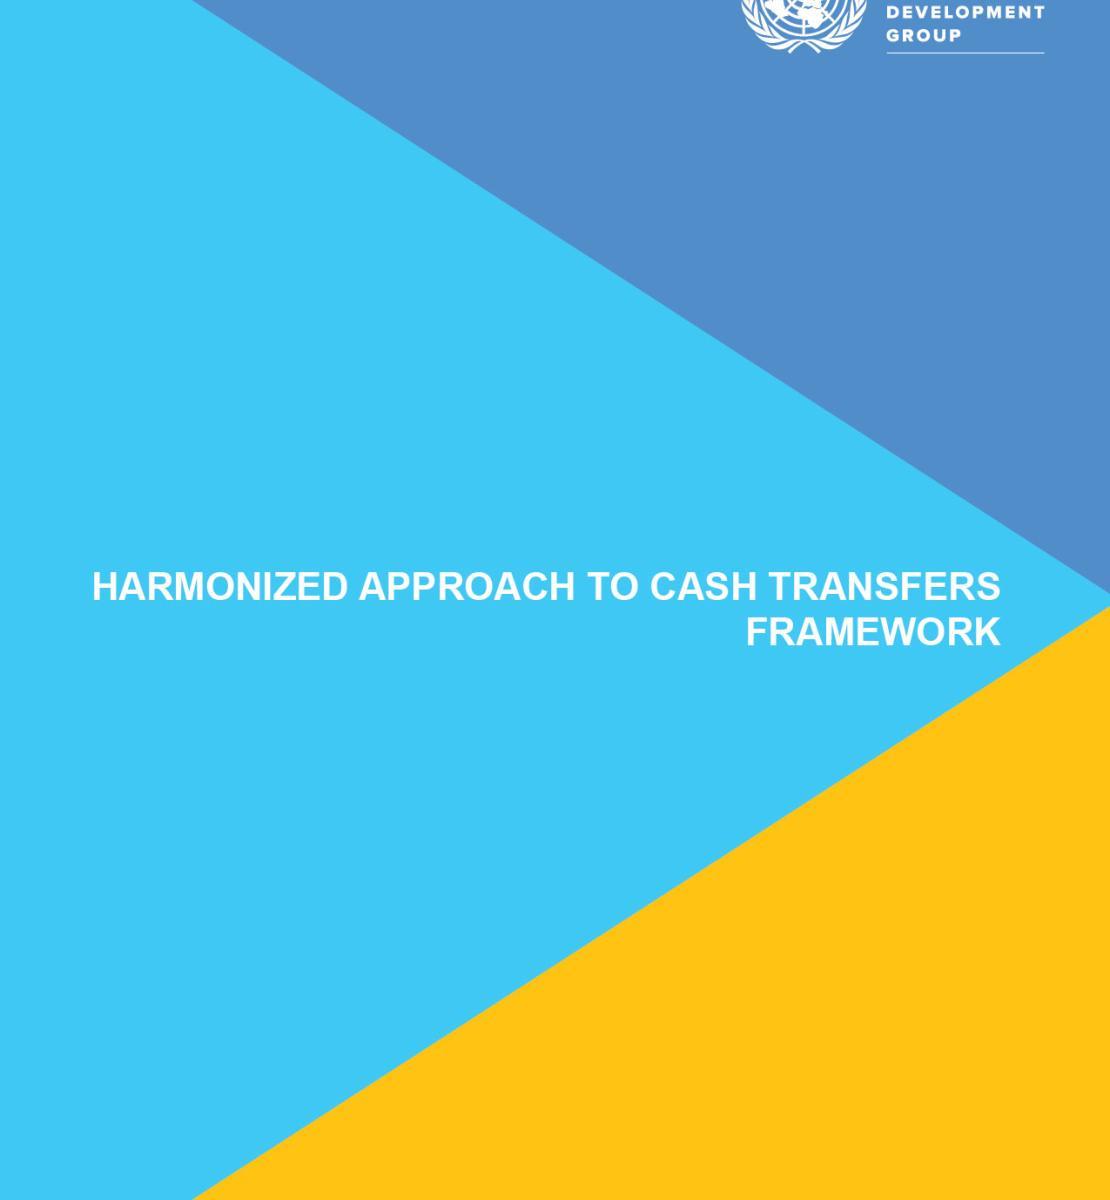 Enfoque armonizado del Marco para las Transferencias de Efectivo asociadas al Método Armonizado de Transferencias en Efectivo